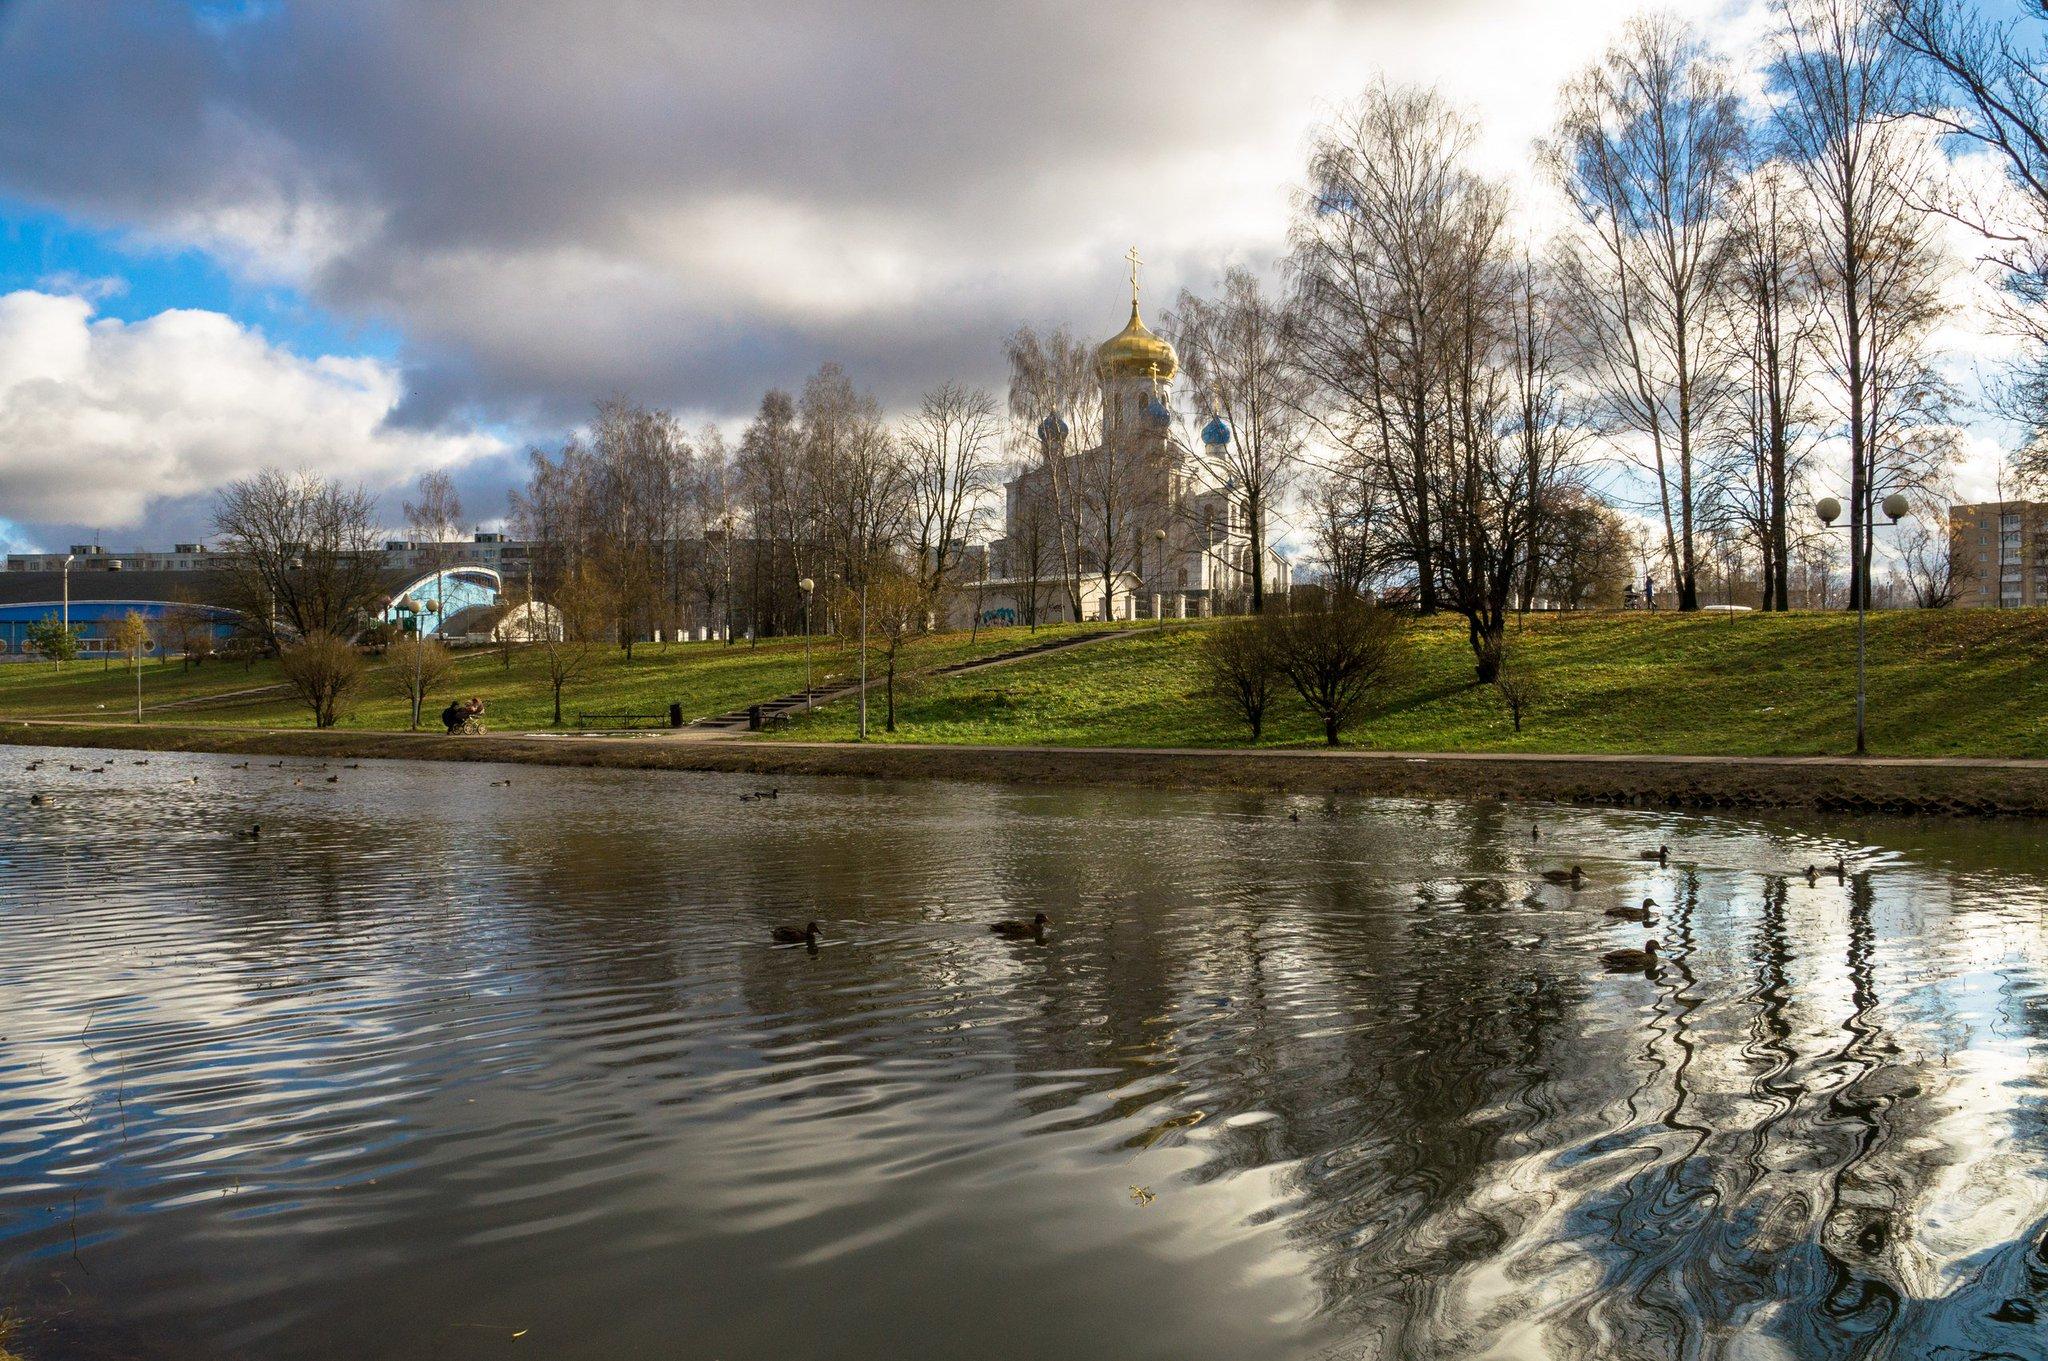 смоленск весной фото картинки для